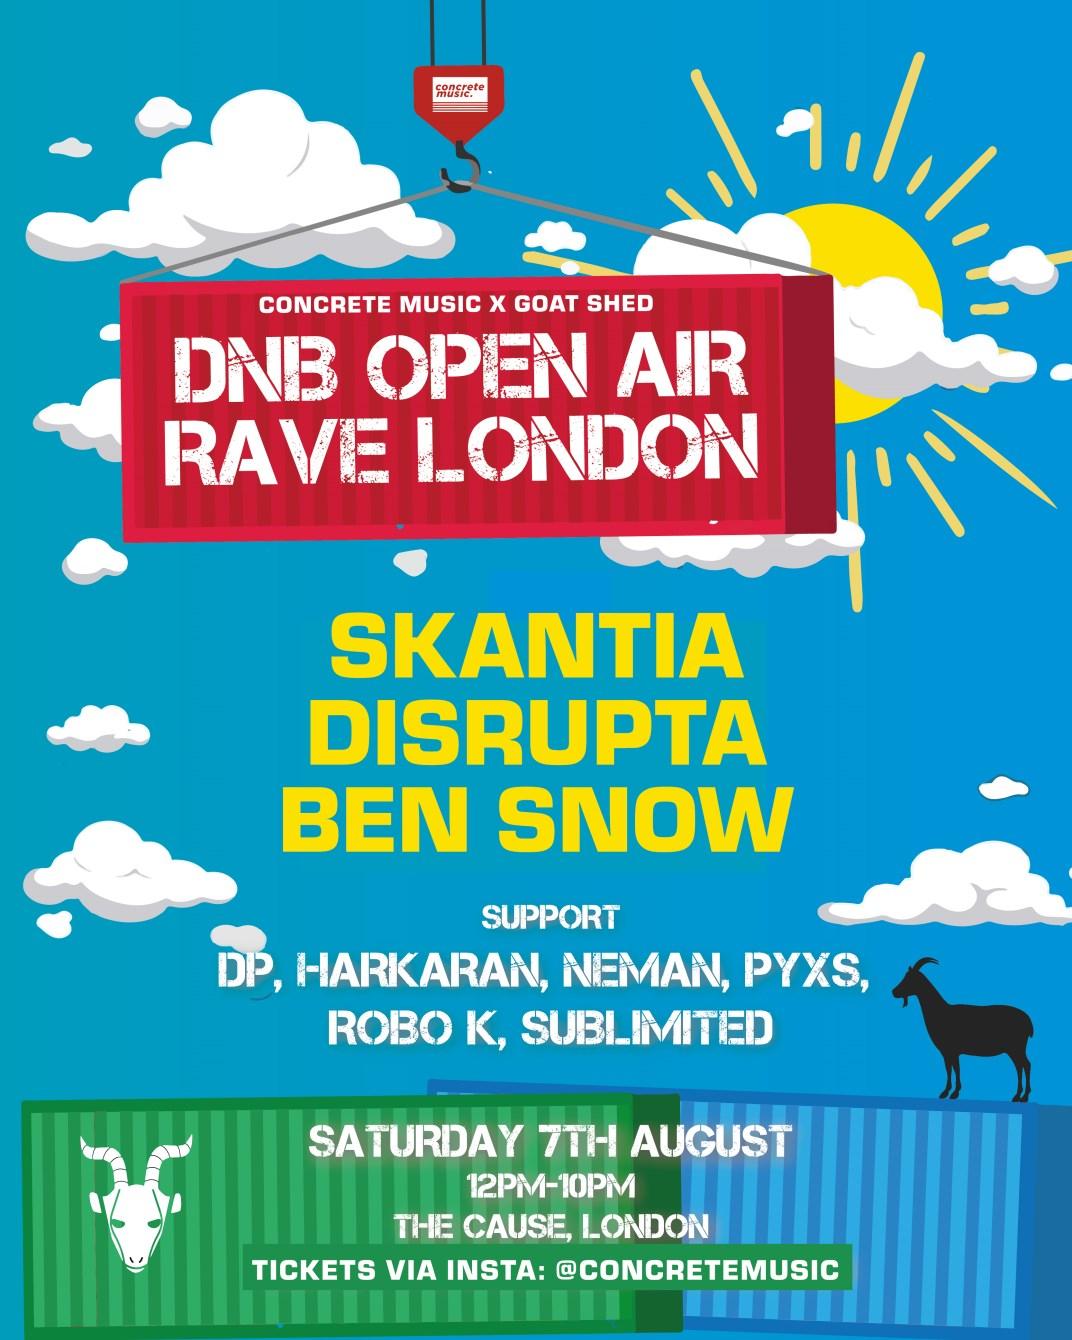 [CANCELLED] DnB Open Air Rave London - Skantia, Disrupta, Ben Snow - Flyer front